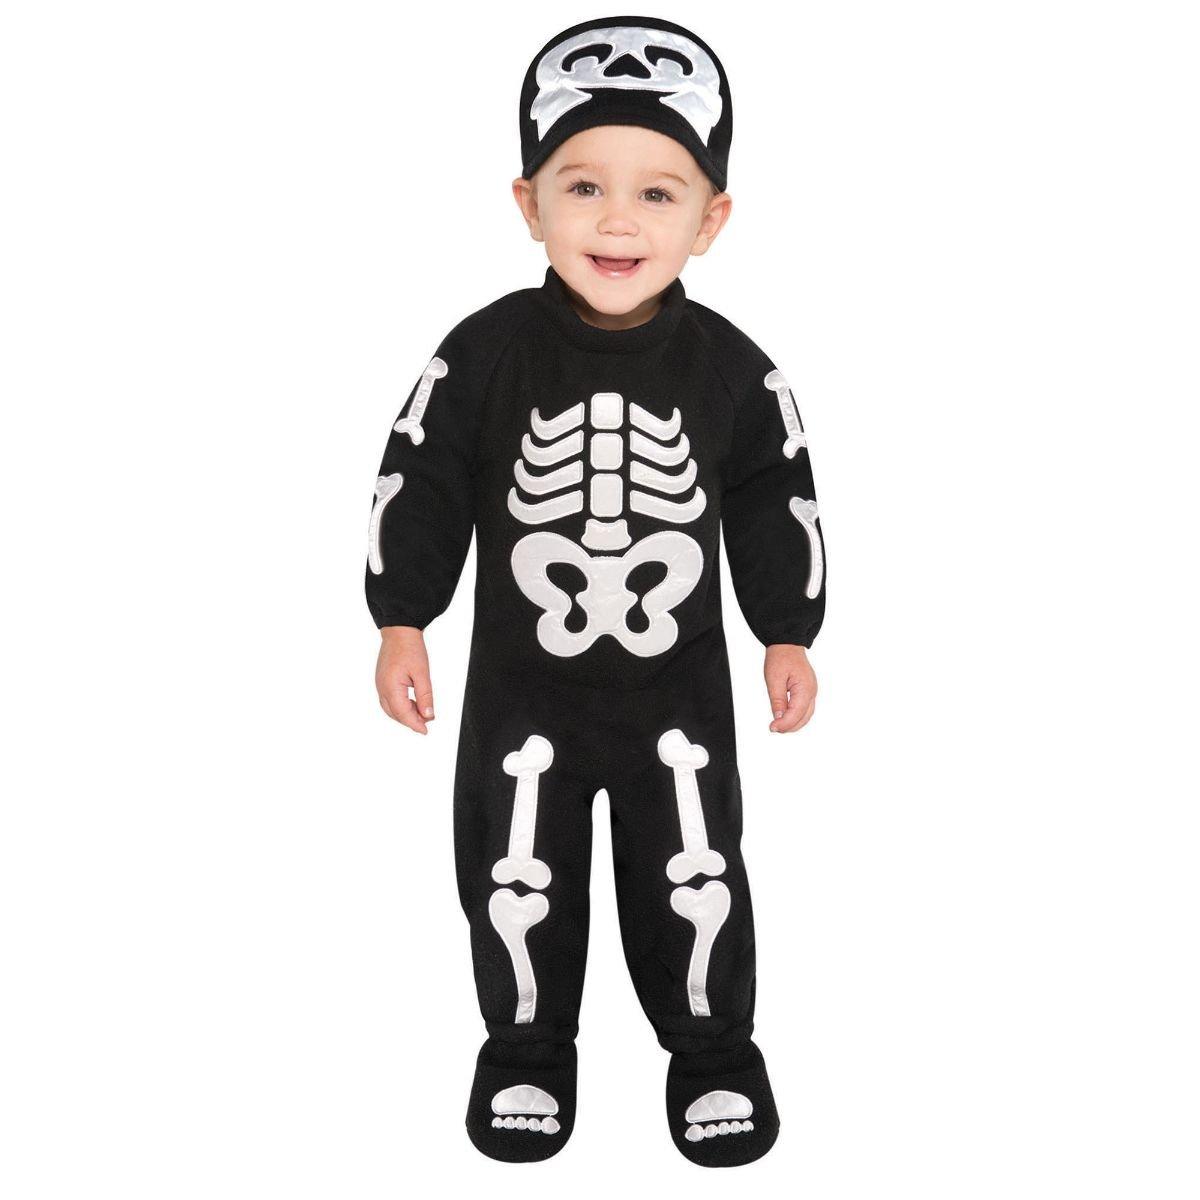 Amscan Babys Bitty Bones Halloween Costume